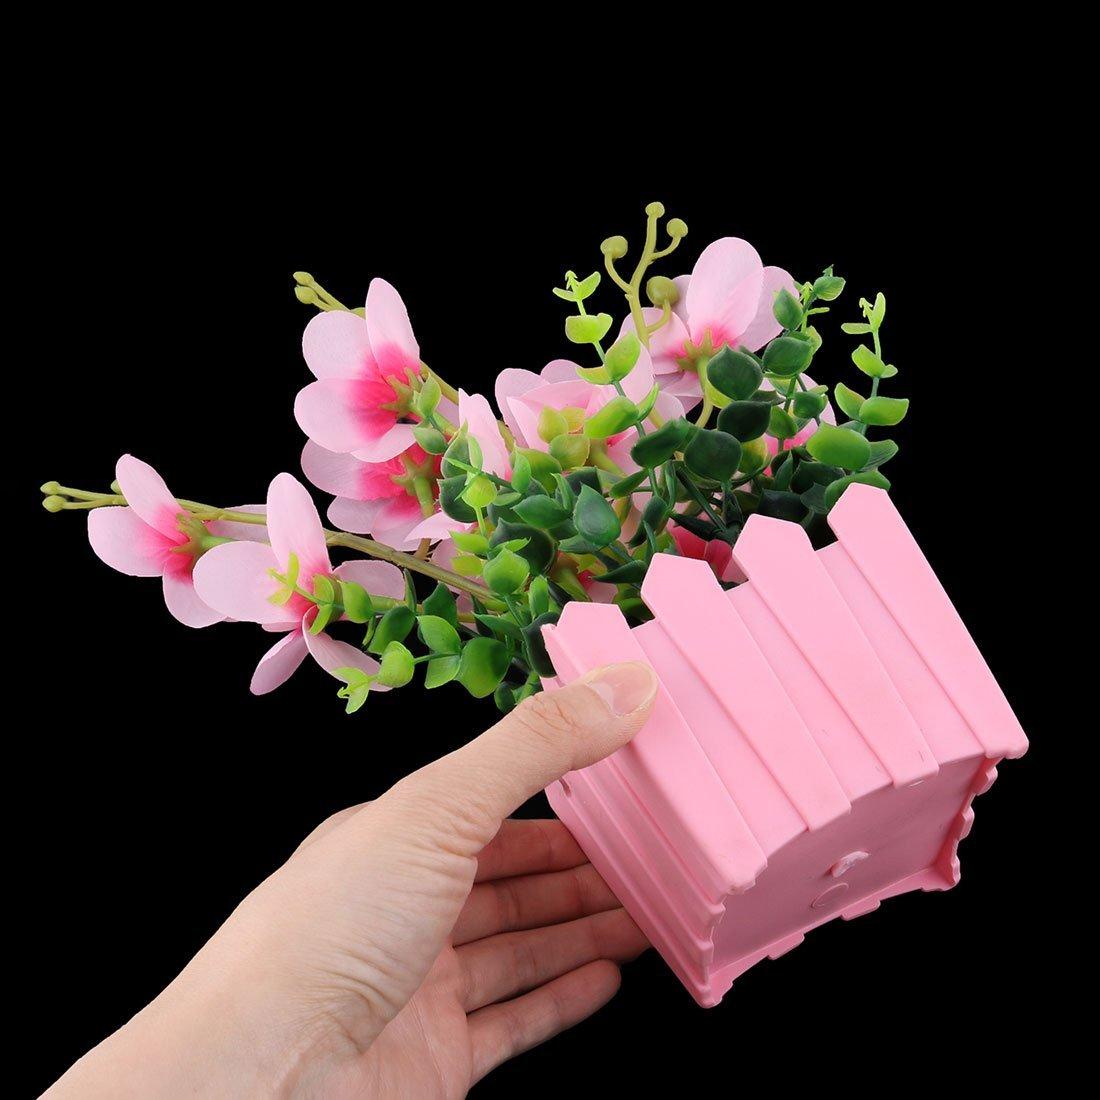 Amazon.com: eDealMax La Flor Artificial de la decoración de plástico Silla Reunión Maceta Oficina Sala de escritorio: Home & Kitchen